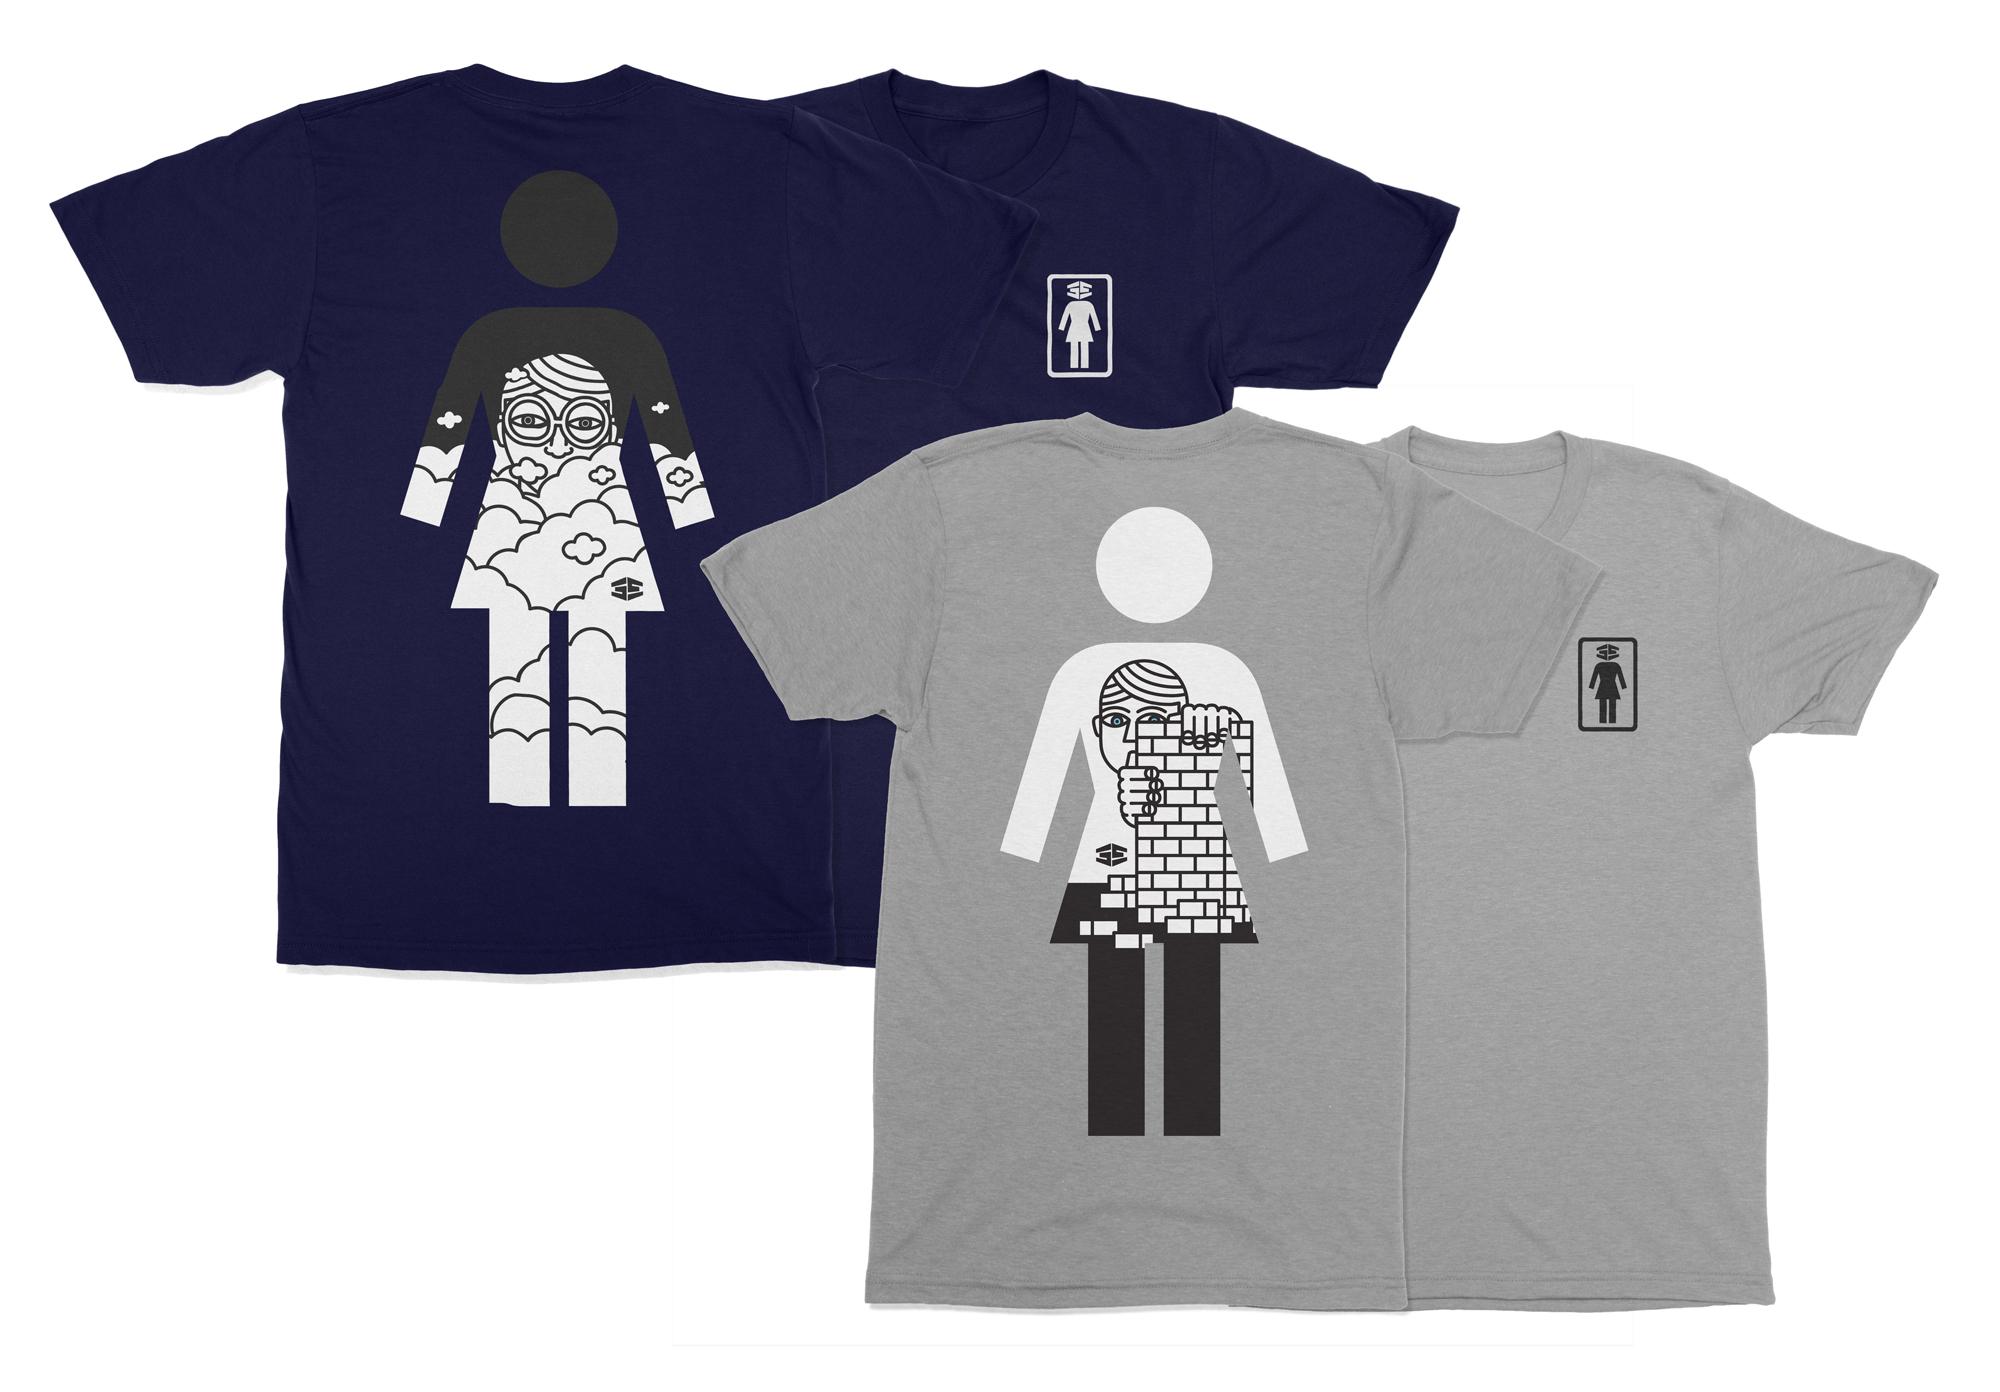 35thGirl_Shirts.jpg